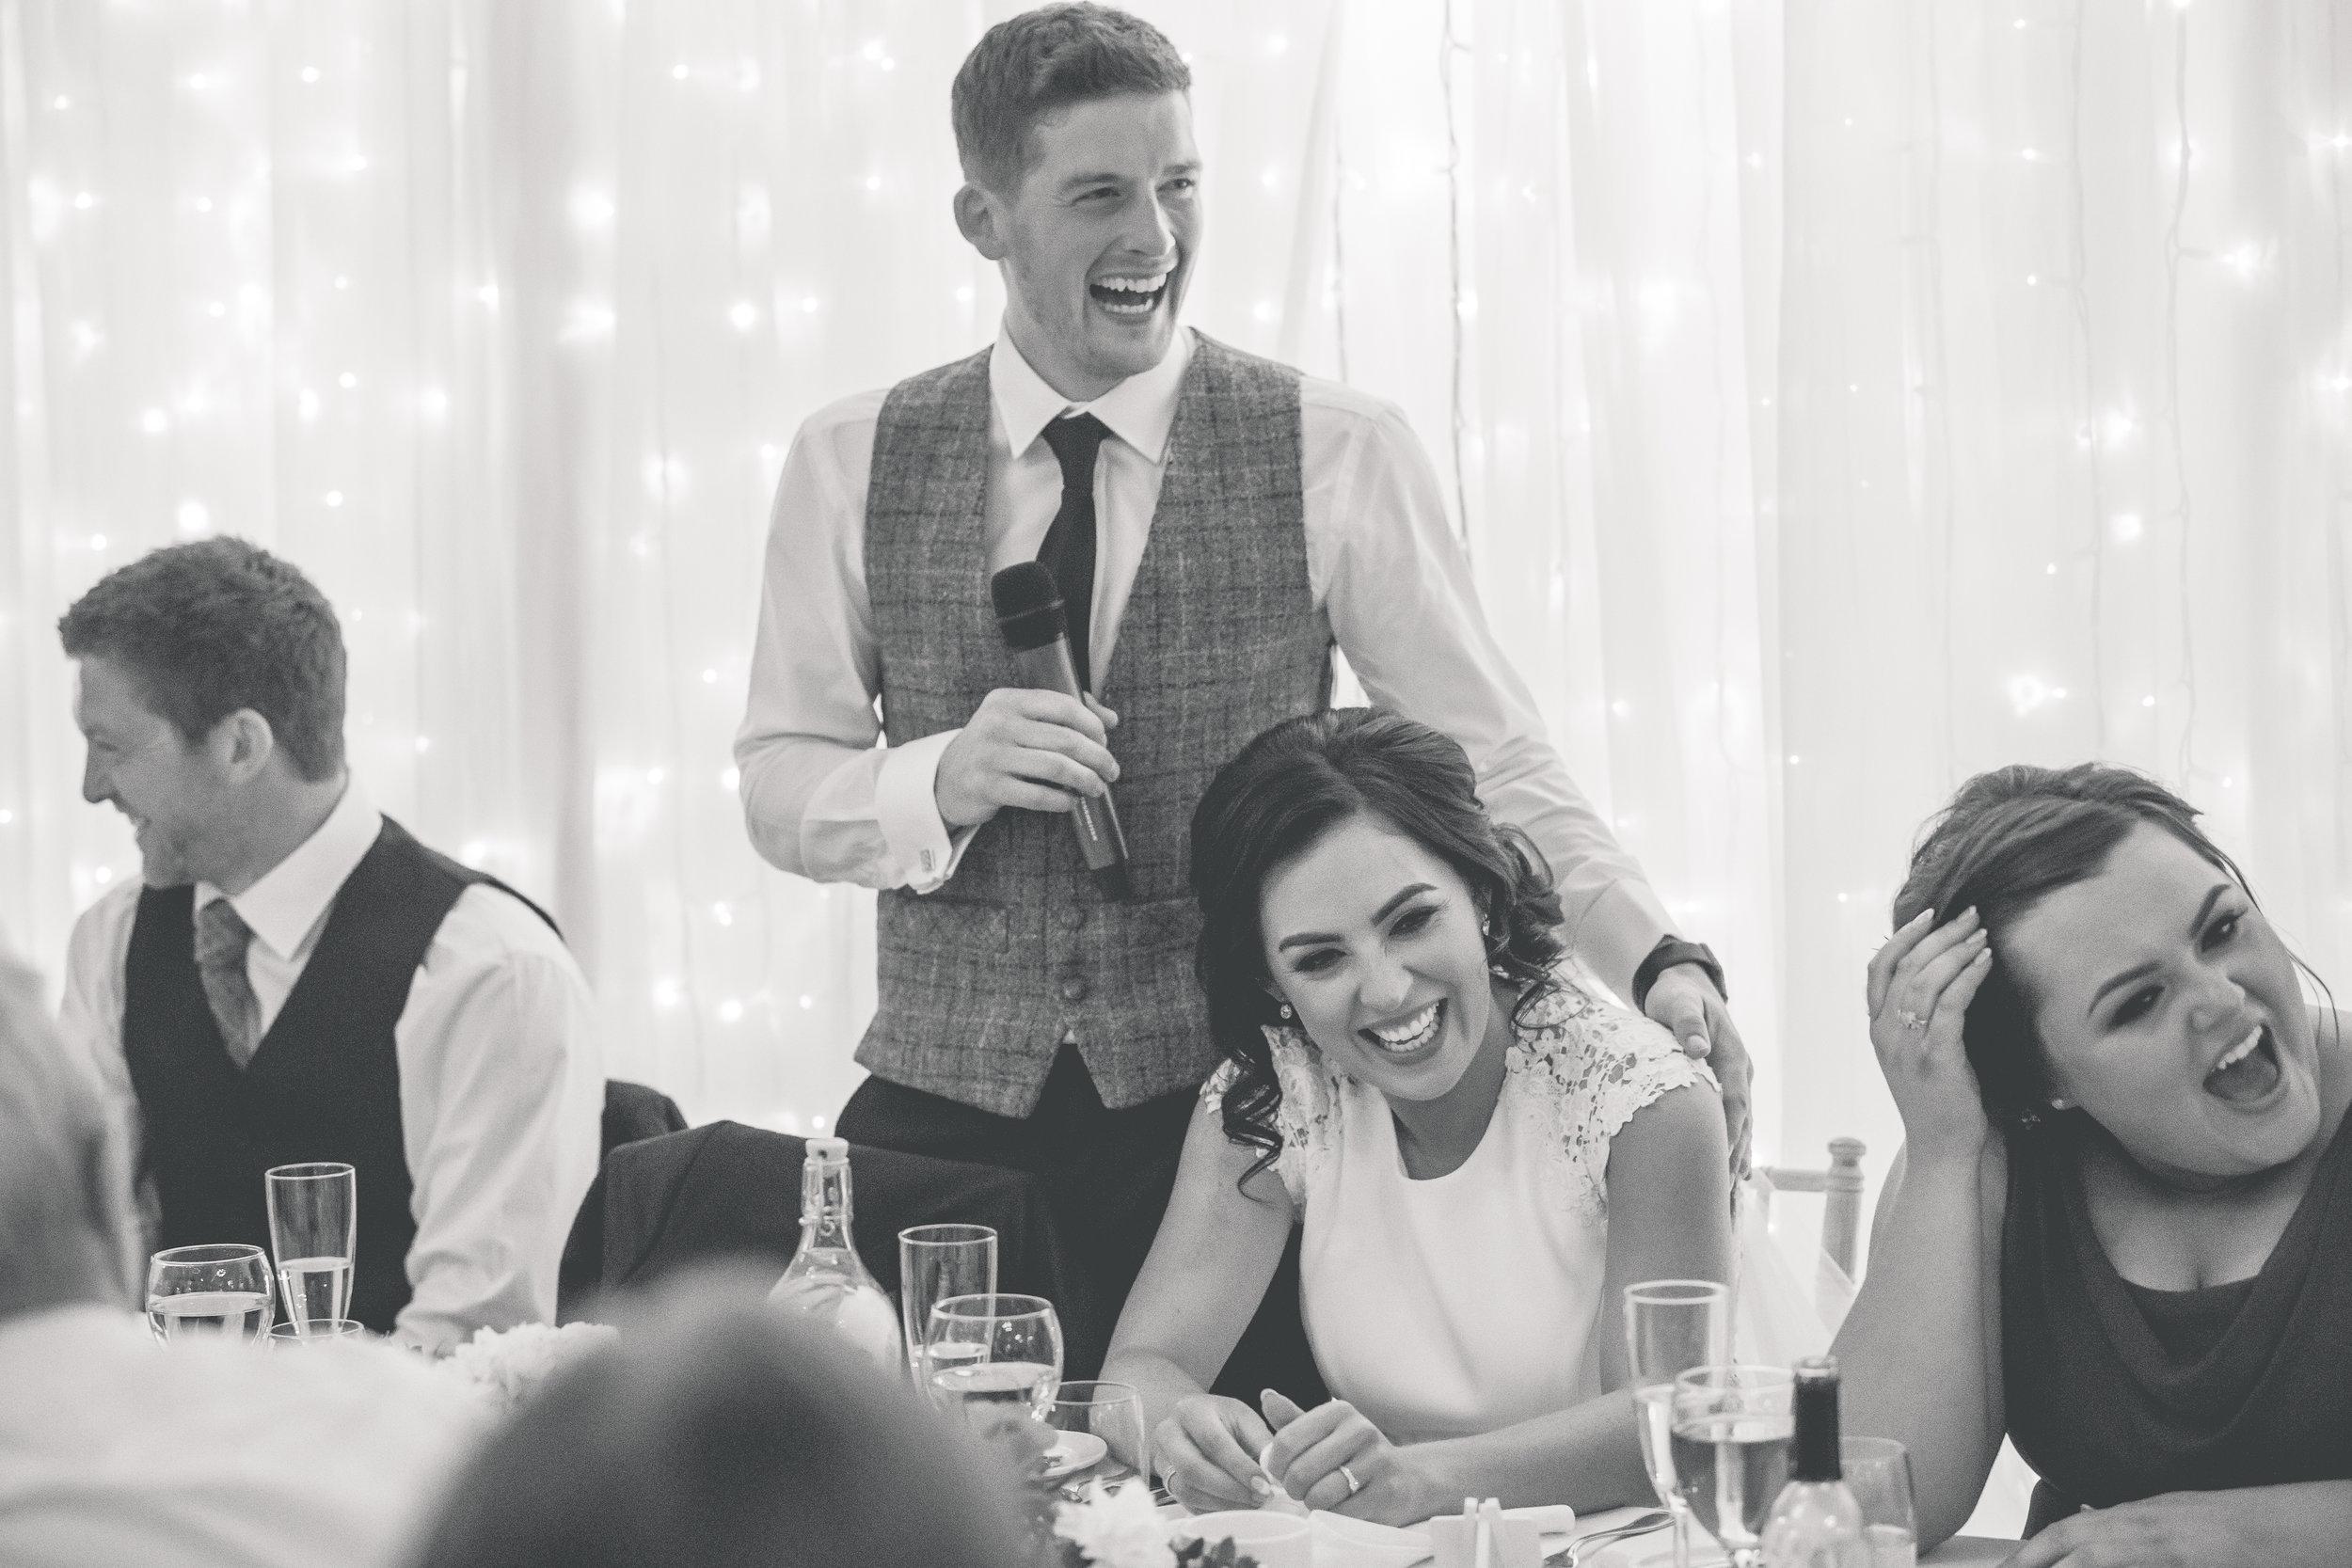 Brian McEwan Wedding Photography | Carol-Anne & Sean | The Speeches-93.jpg